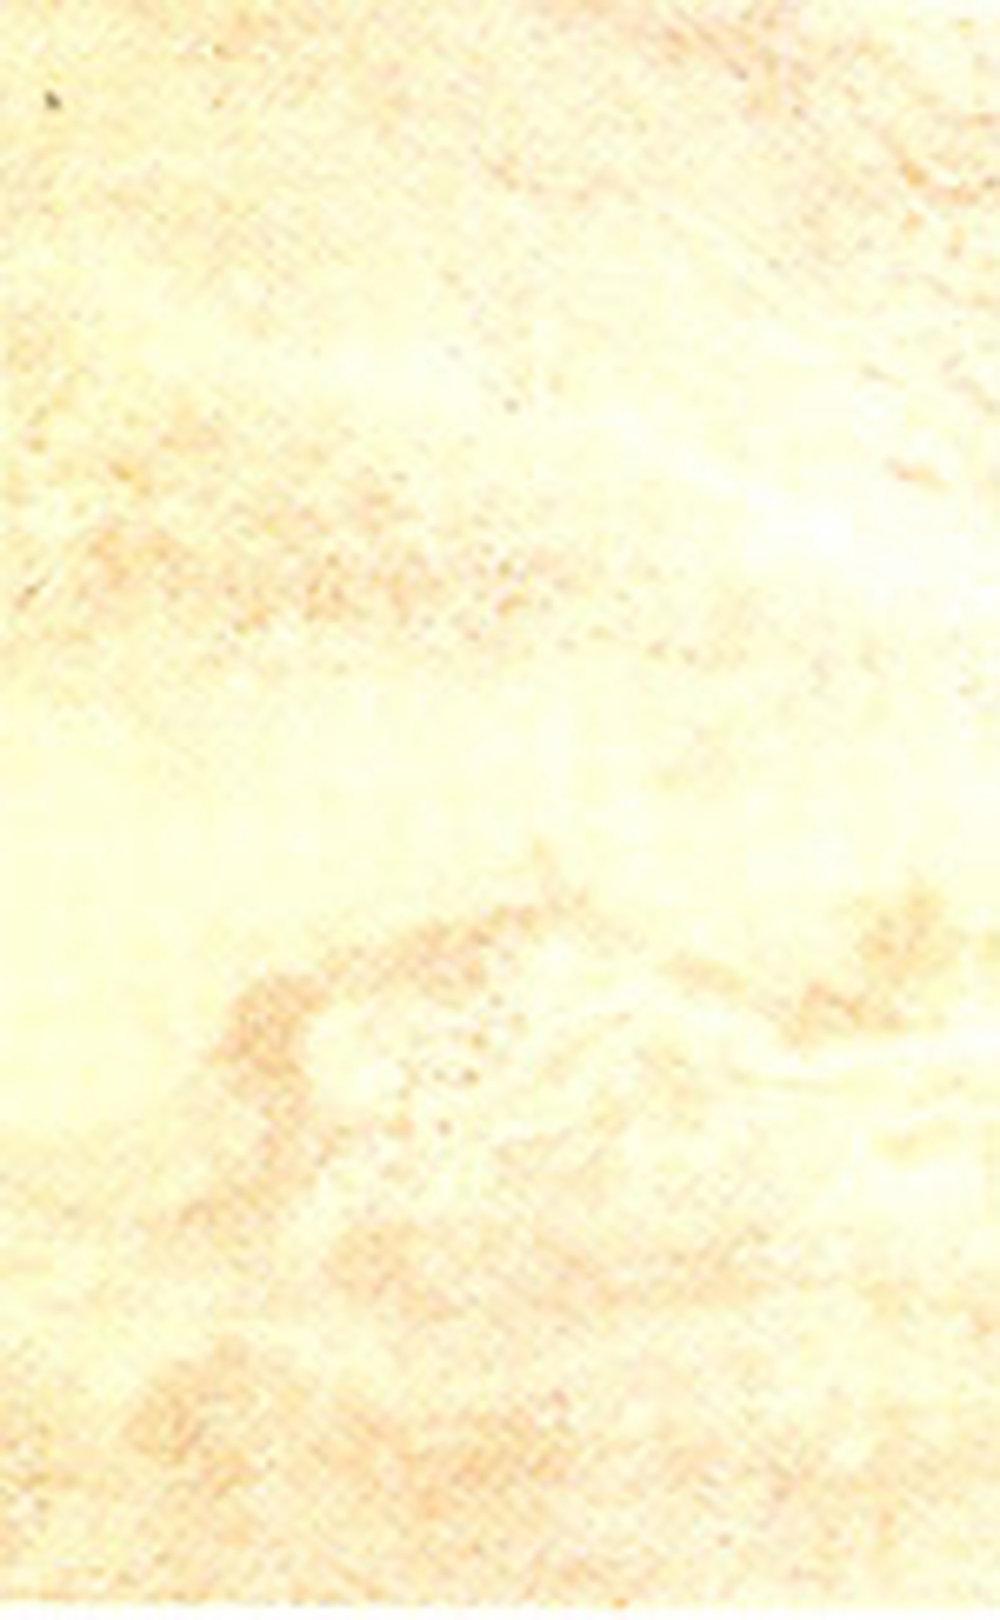 """Grespania Krimiss Ivory 10""""x16"""" Wall 12.92 sf/ctn 12 pcs/ctn 54 ctn/plt"""